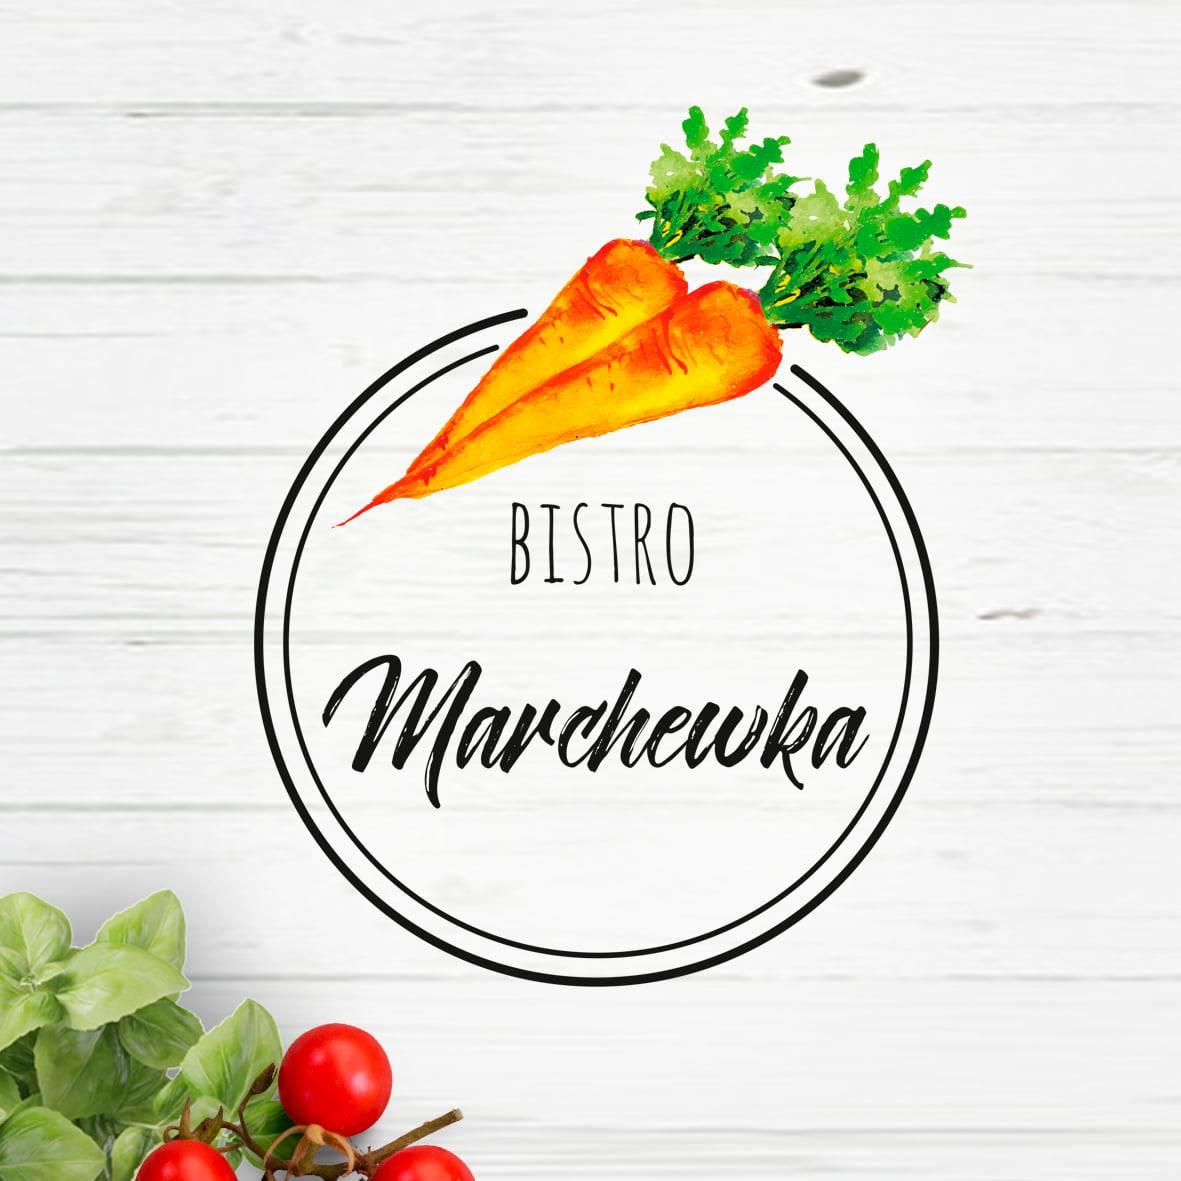 bistro marchewka